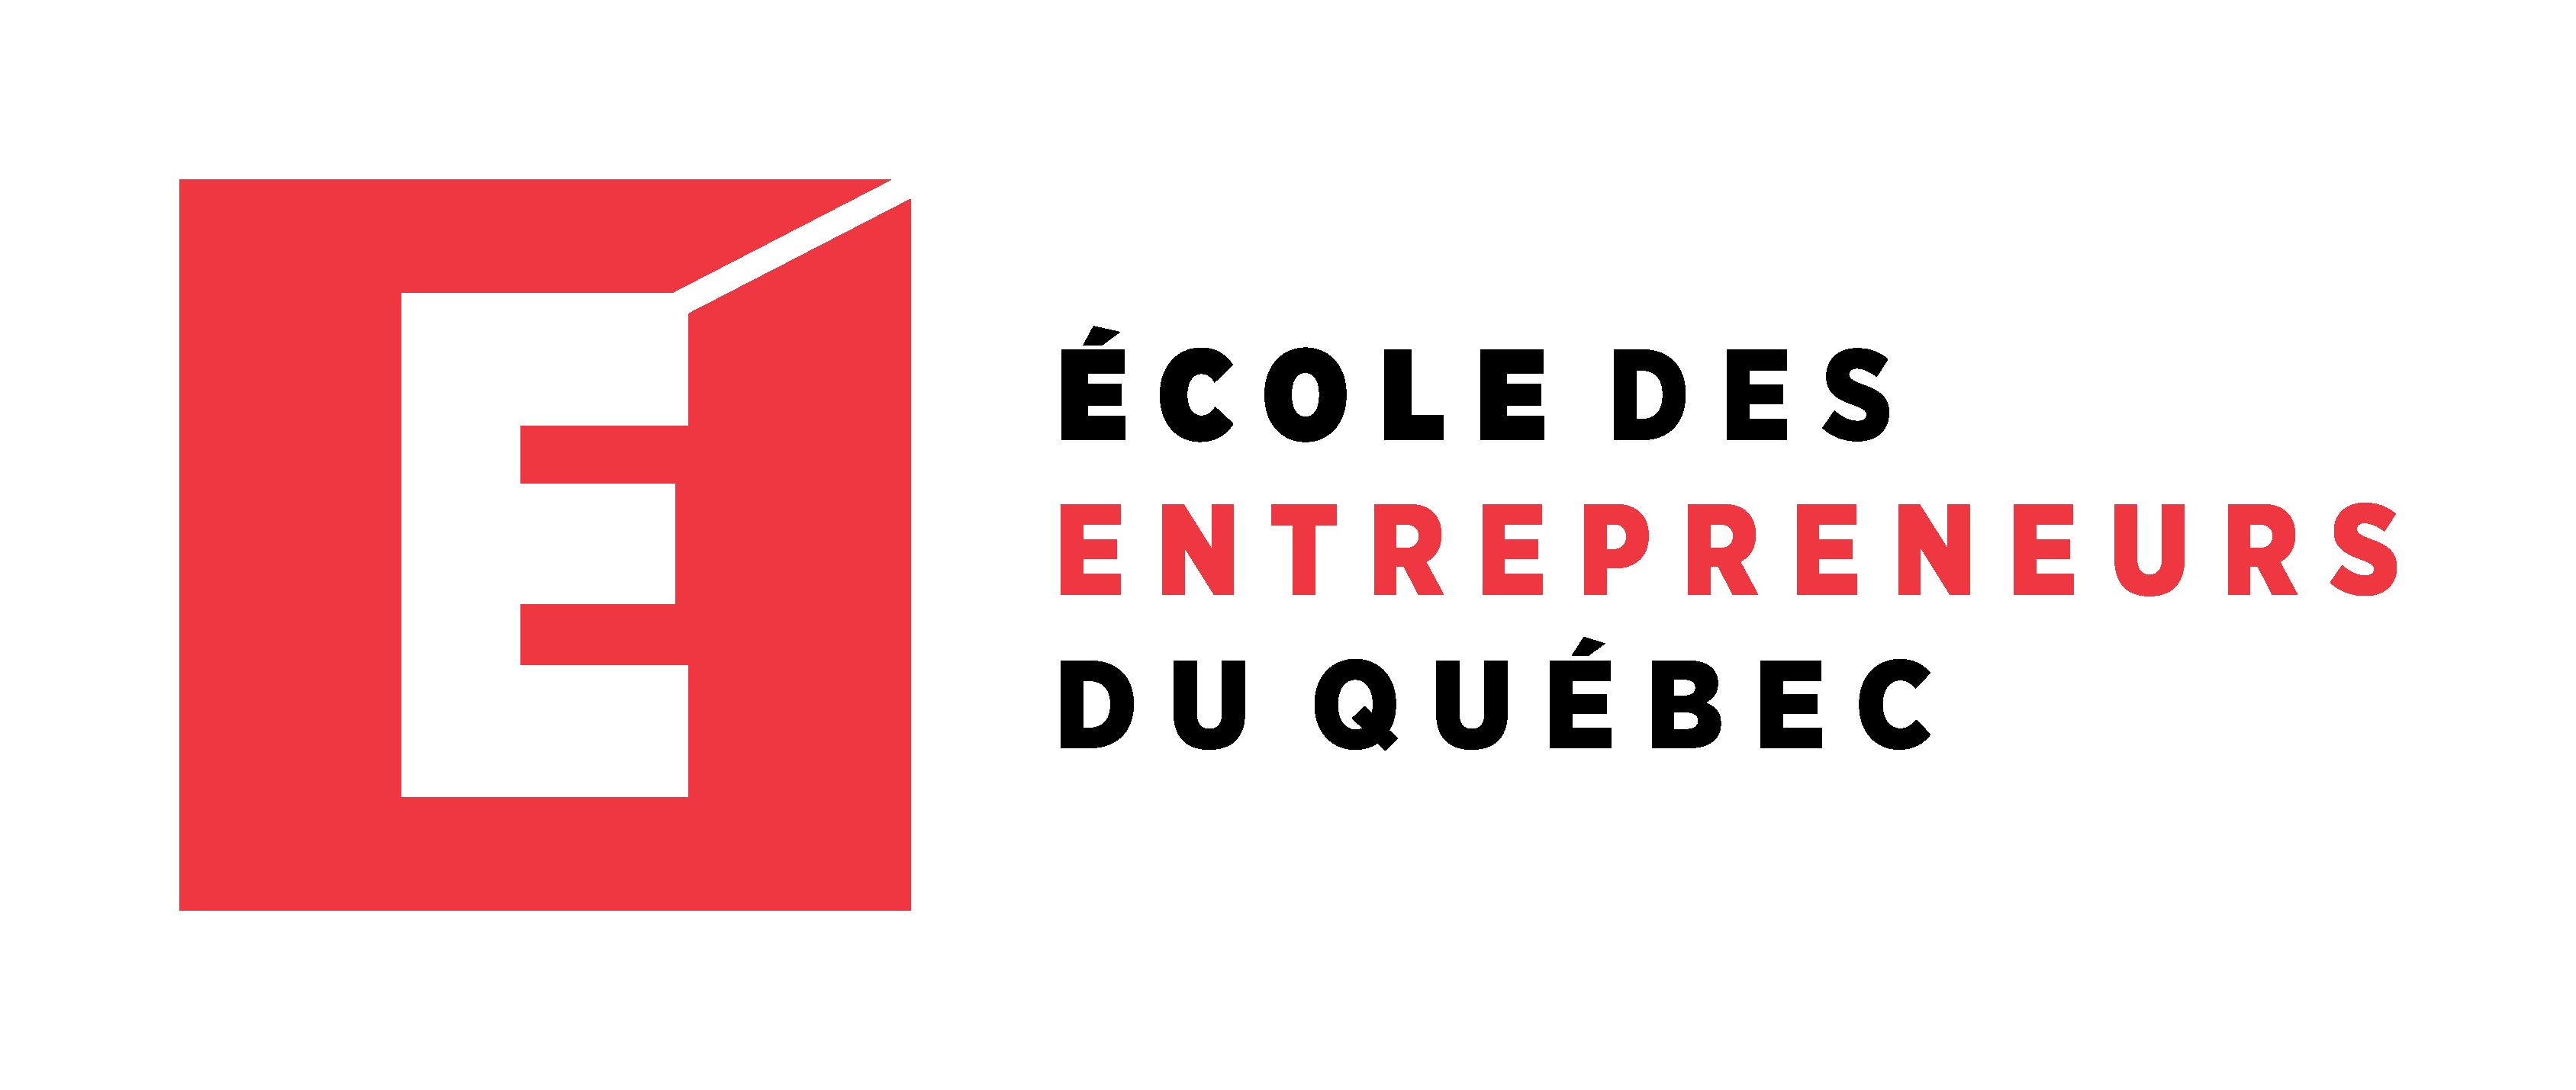 École des entrepreneurs du Québec - Formation et outils